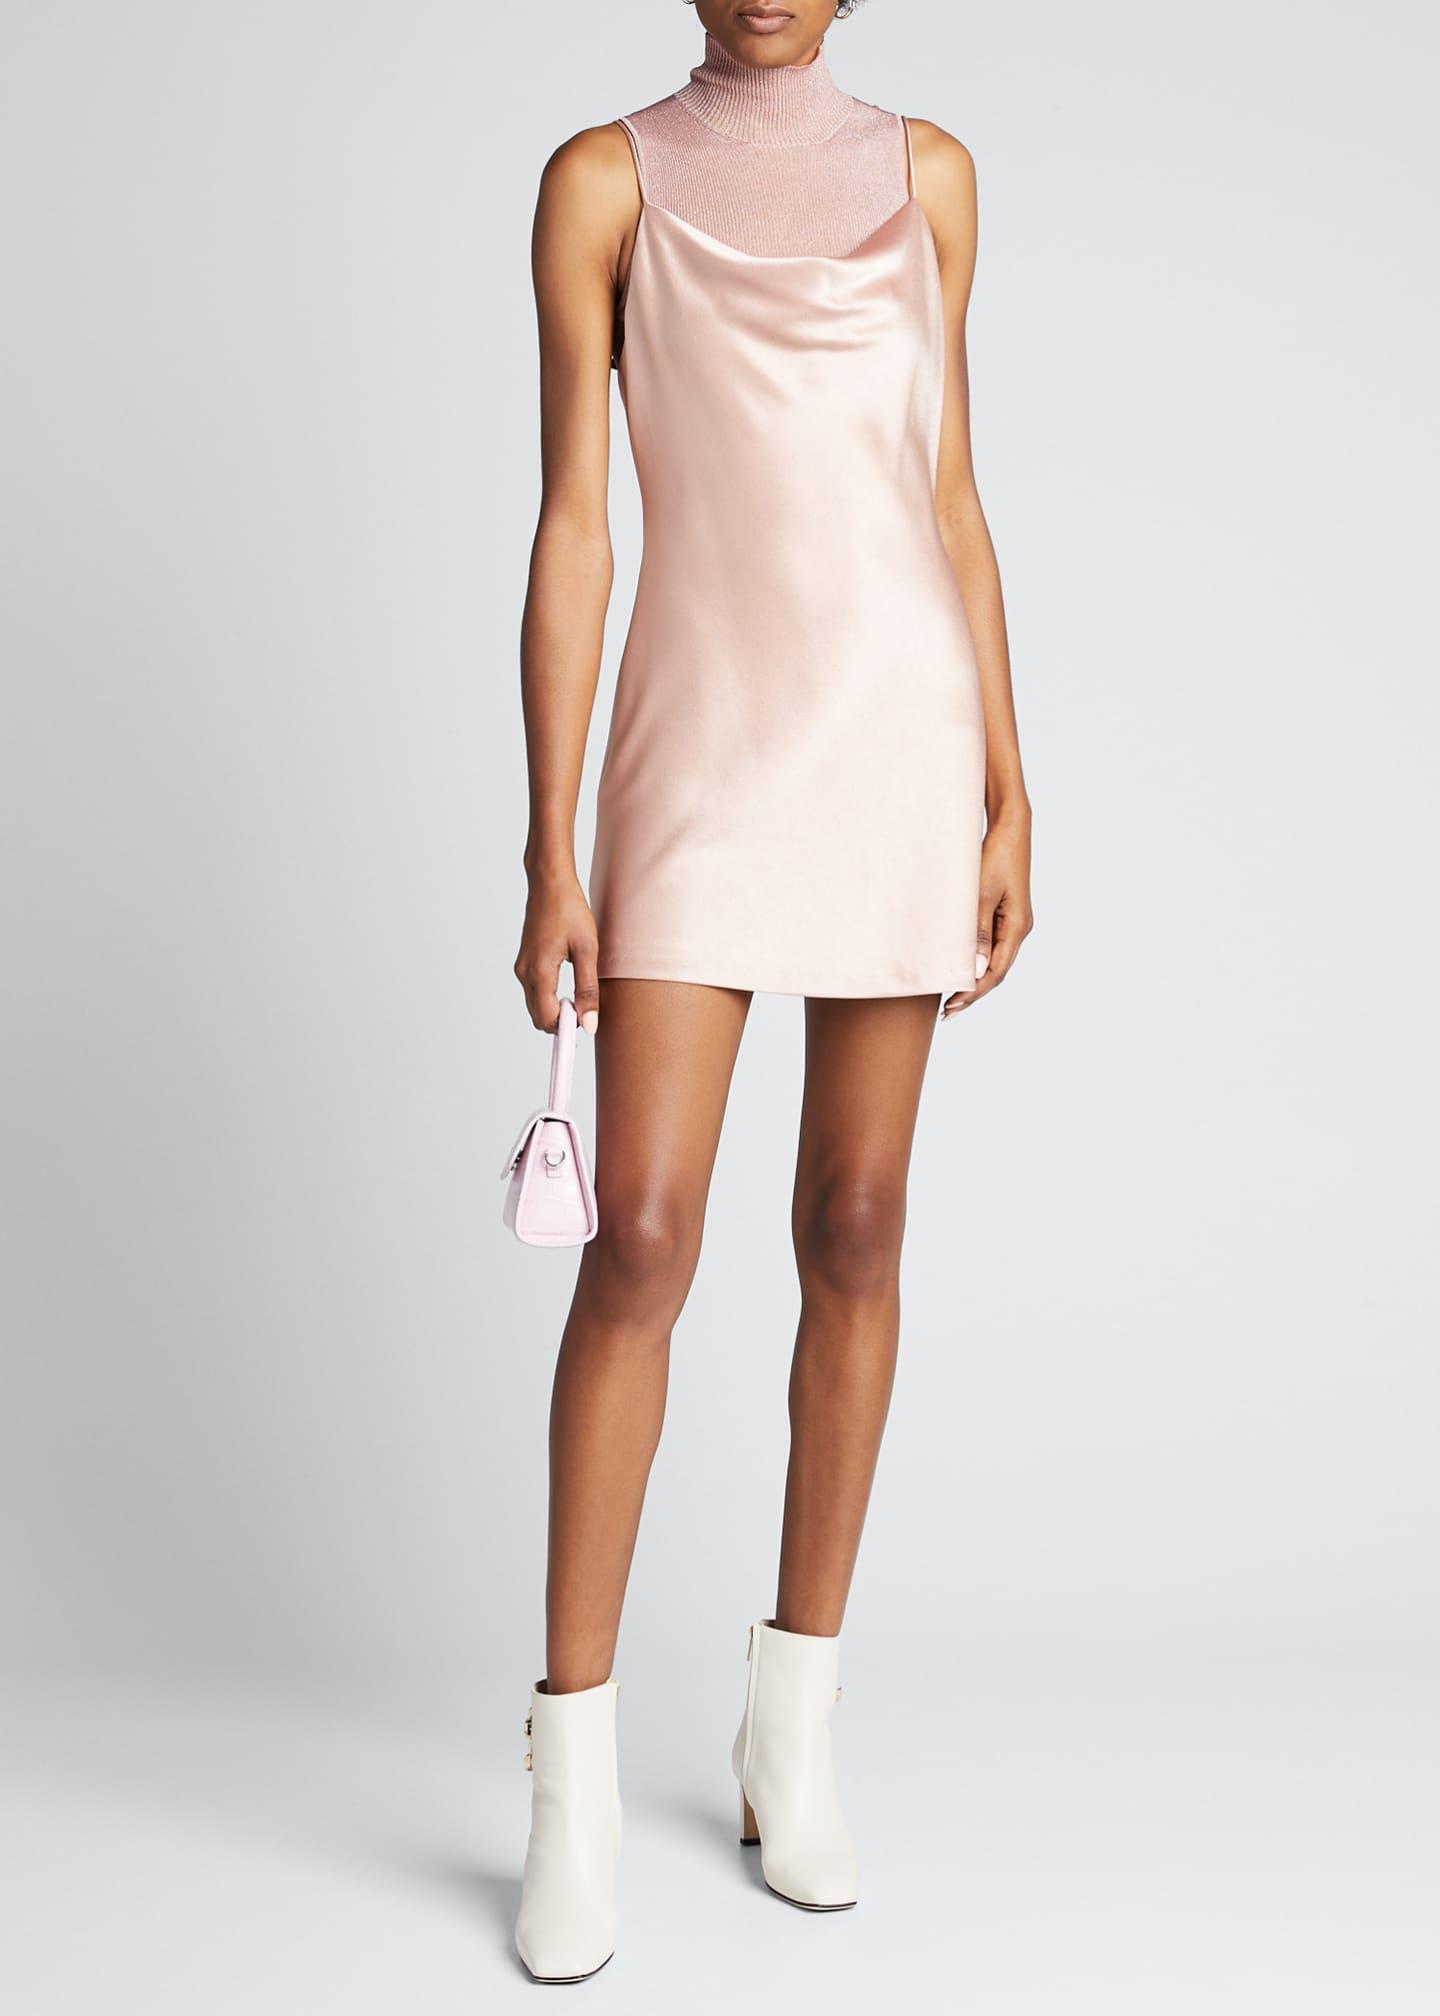 Alice + Olivia Harmony Draped Satin Slip Dress